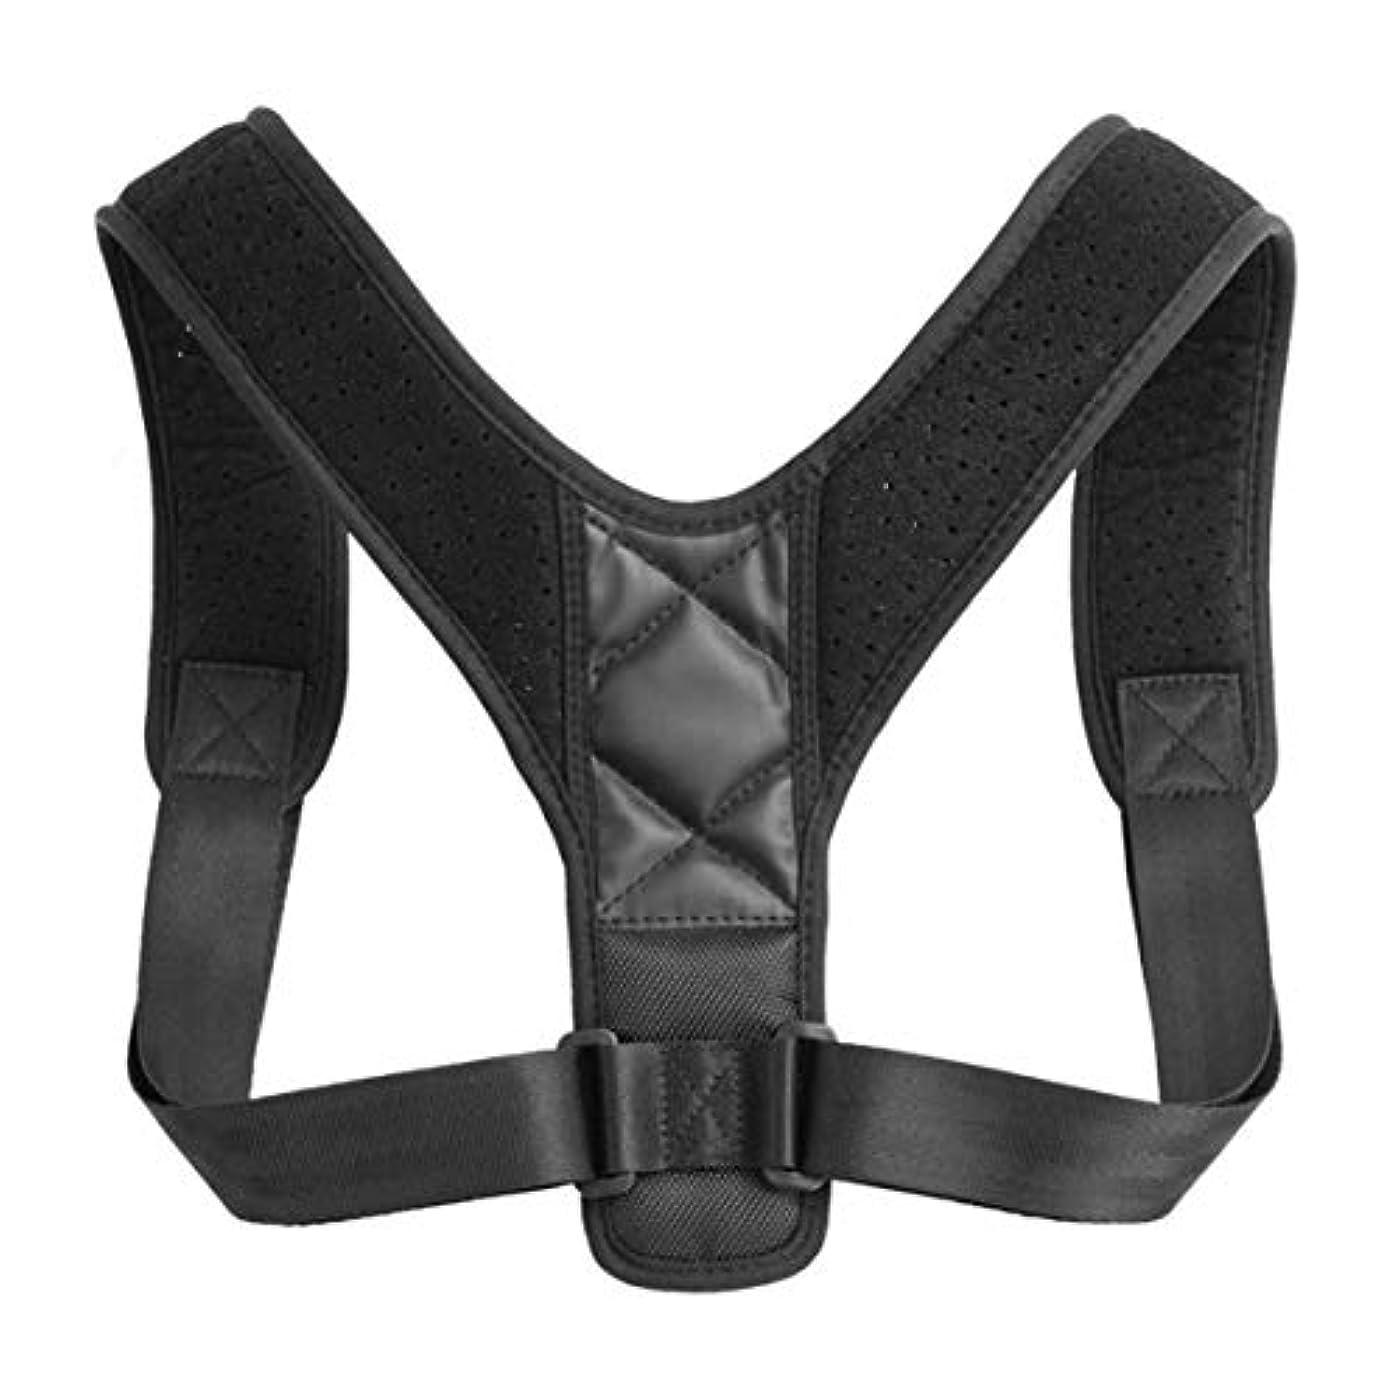 文明バイアス種をまく大人の学生調節可能な背中の姿勢補正ブレースショルダーサポートバンドベルトの姿勢正しいベルト防止ハンチバック - ブラック